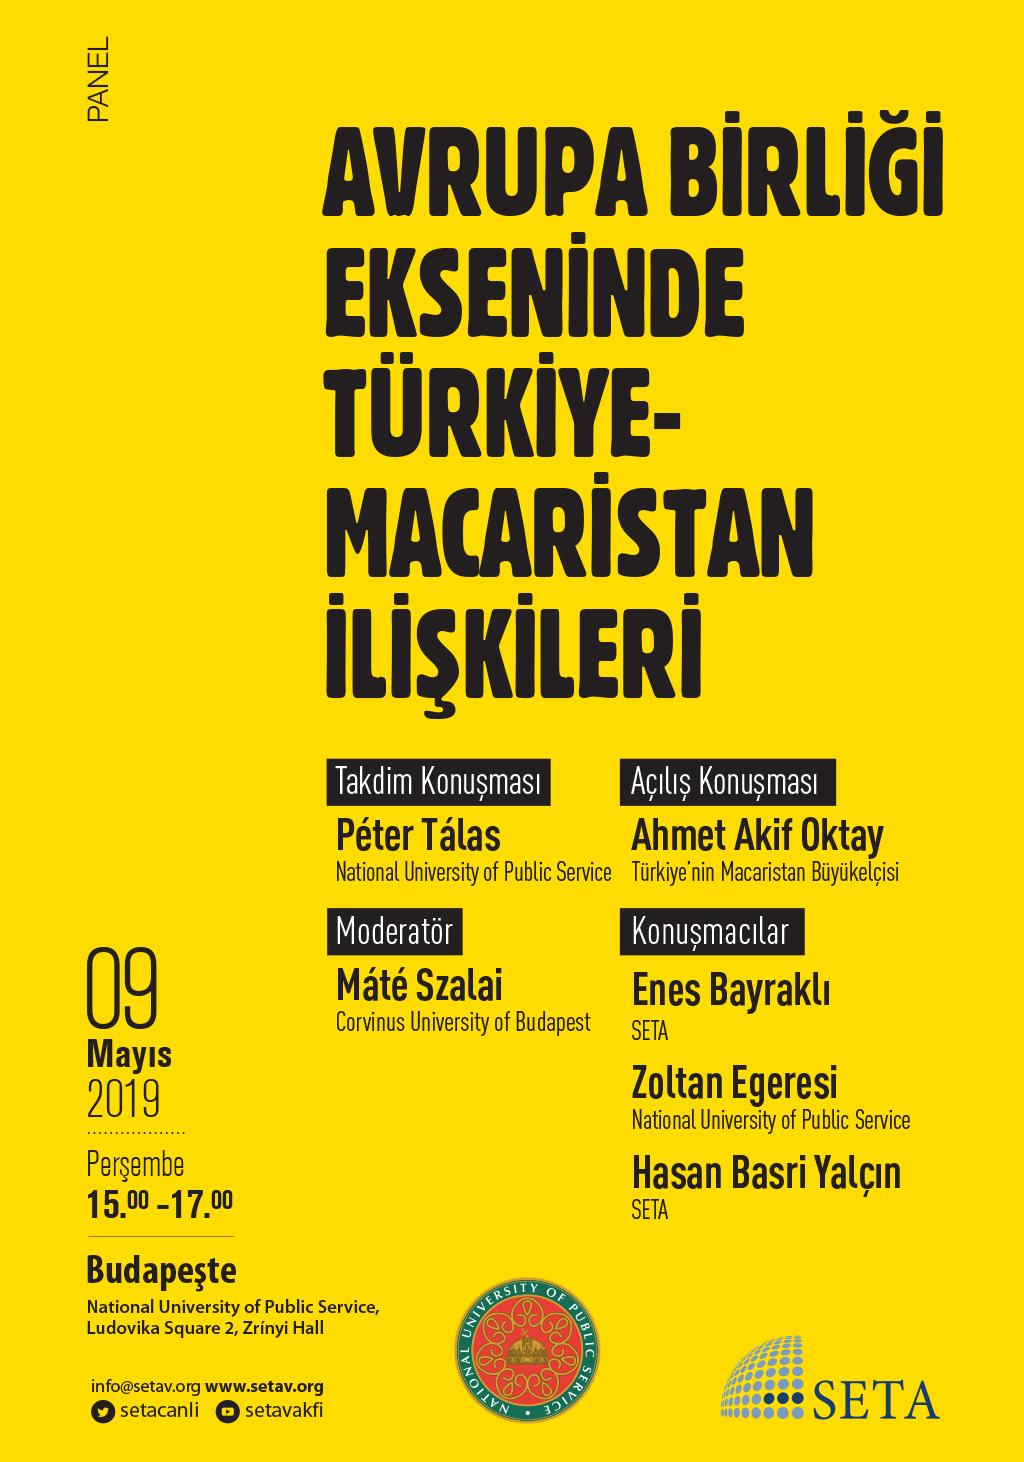 Panel: Avrupa Birliği Ekseninde Türkiye-Macaristan İlişkileri